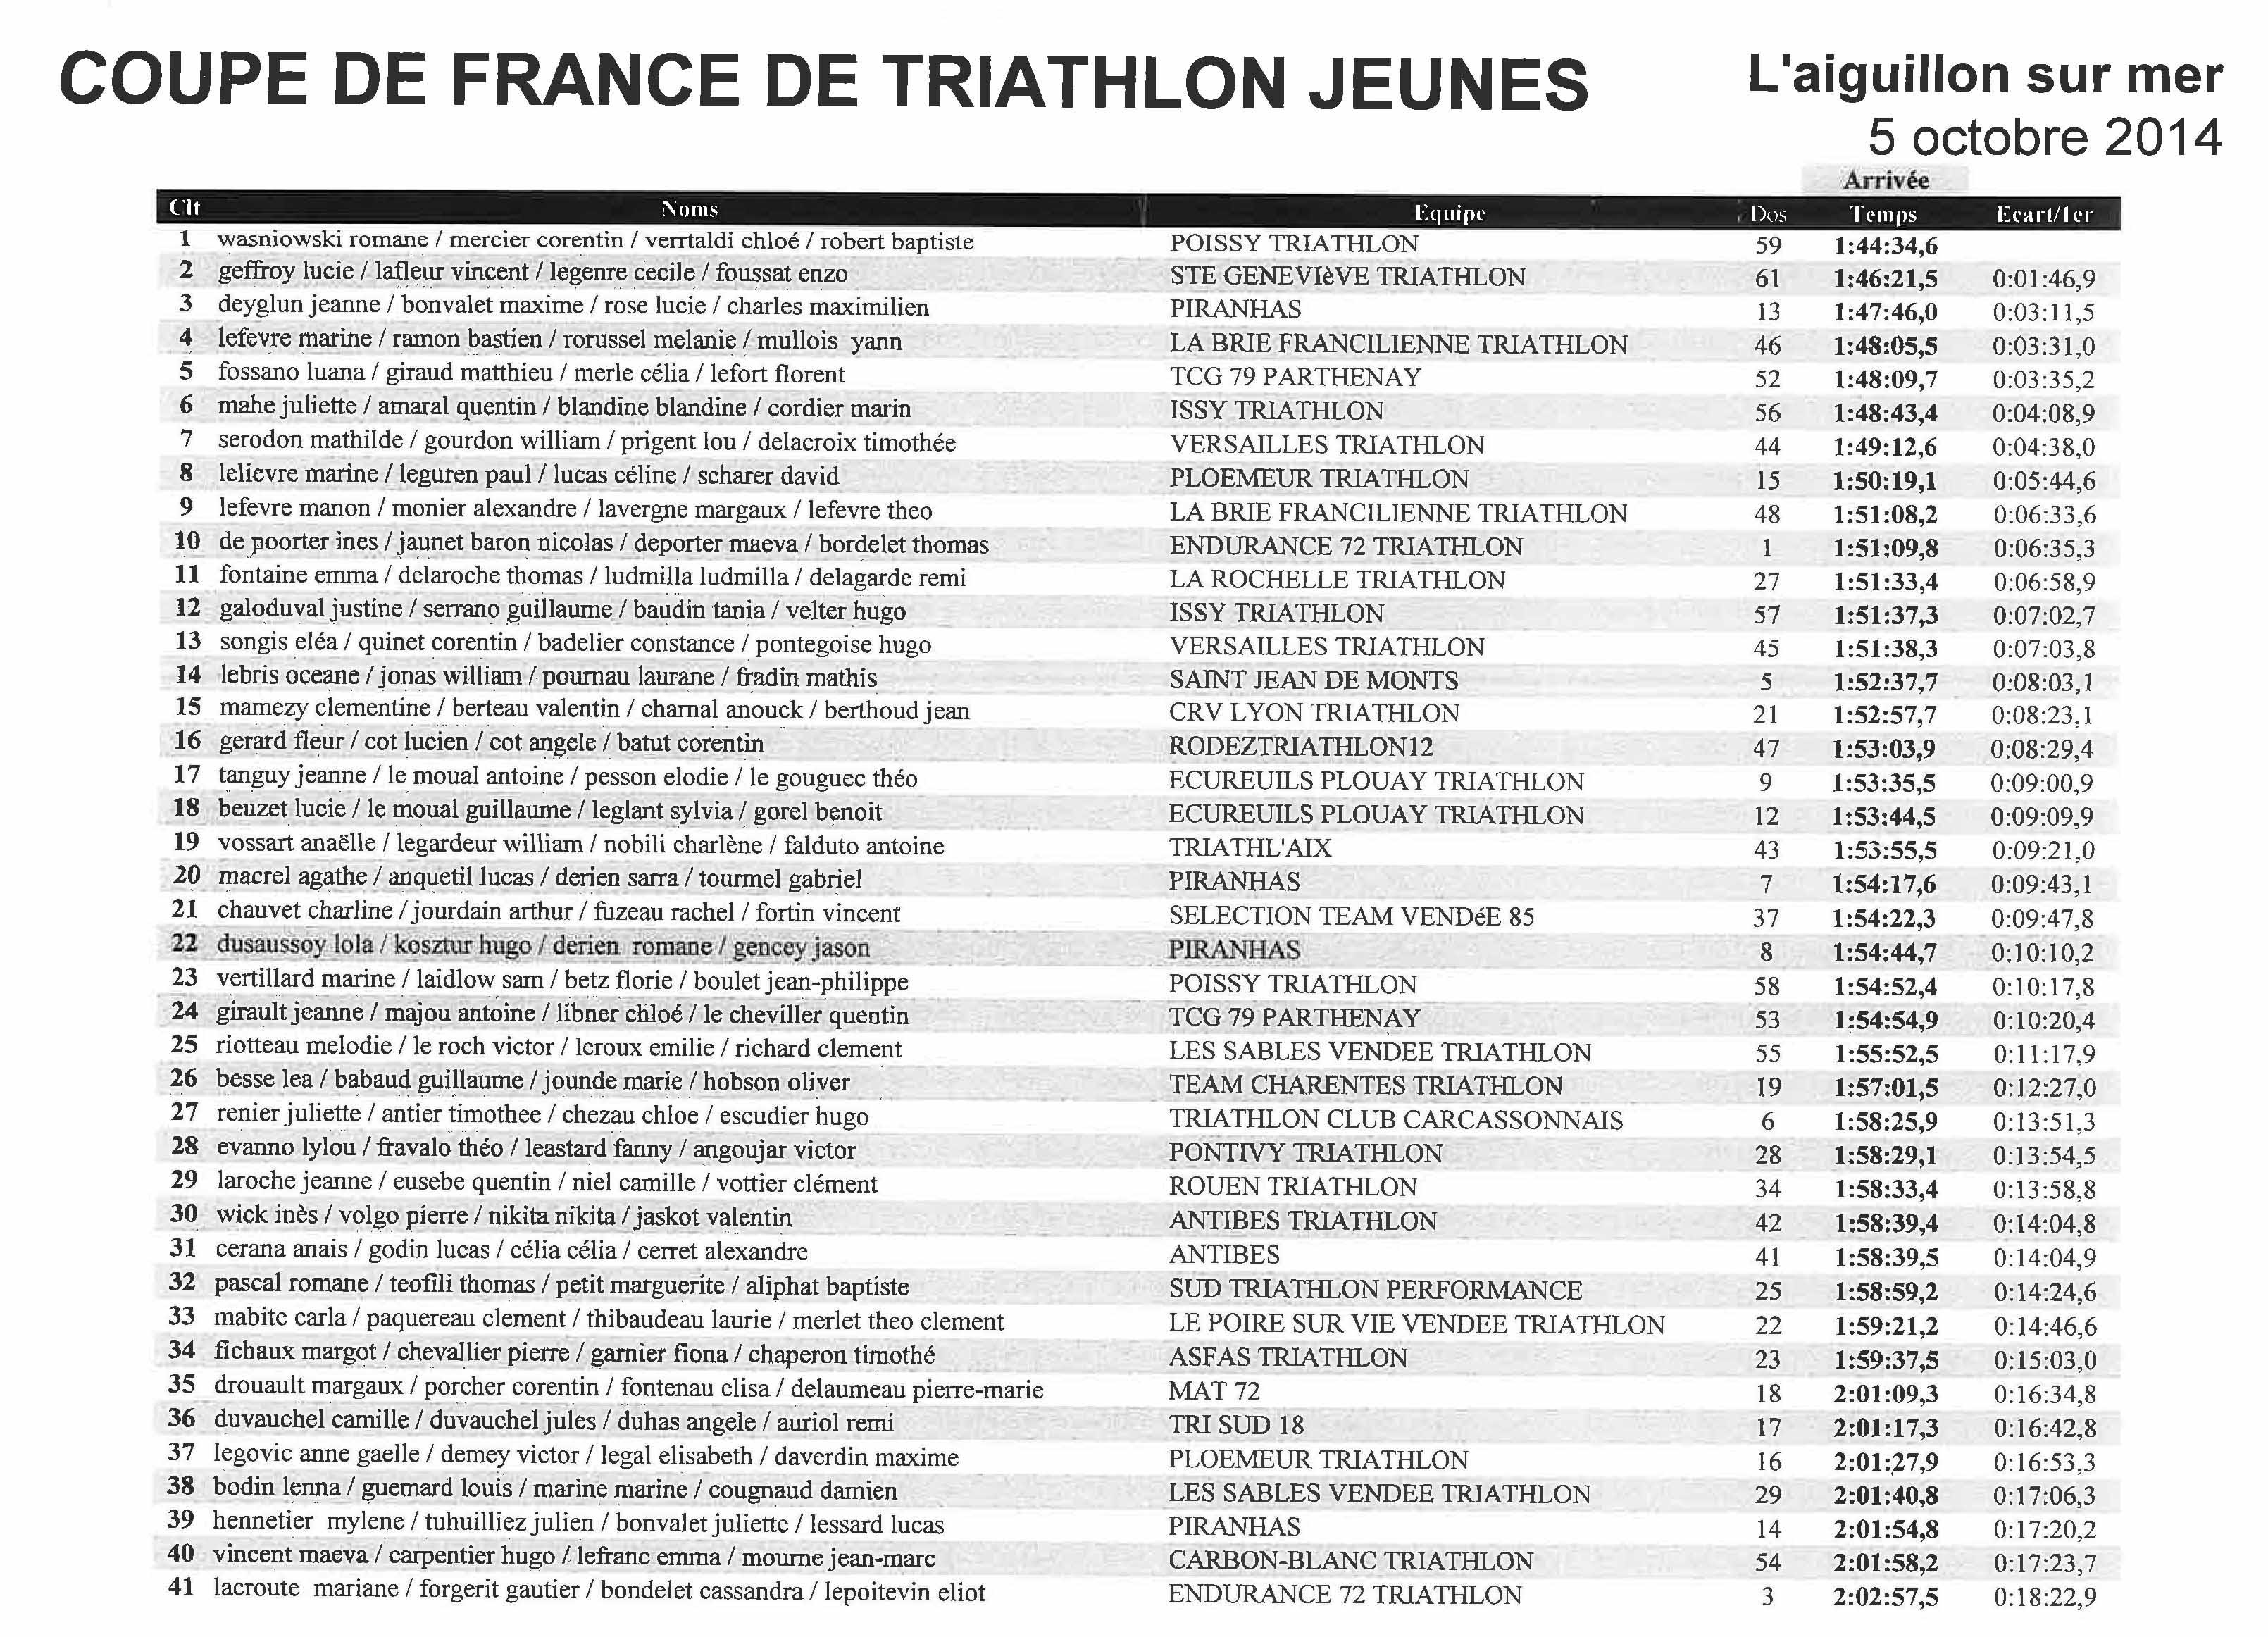 La Coupe de France TCG79 Parthenay rafle la mise et les jeunes.